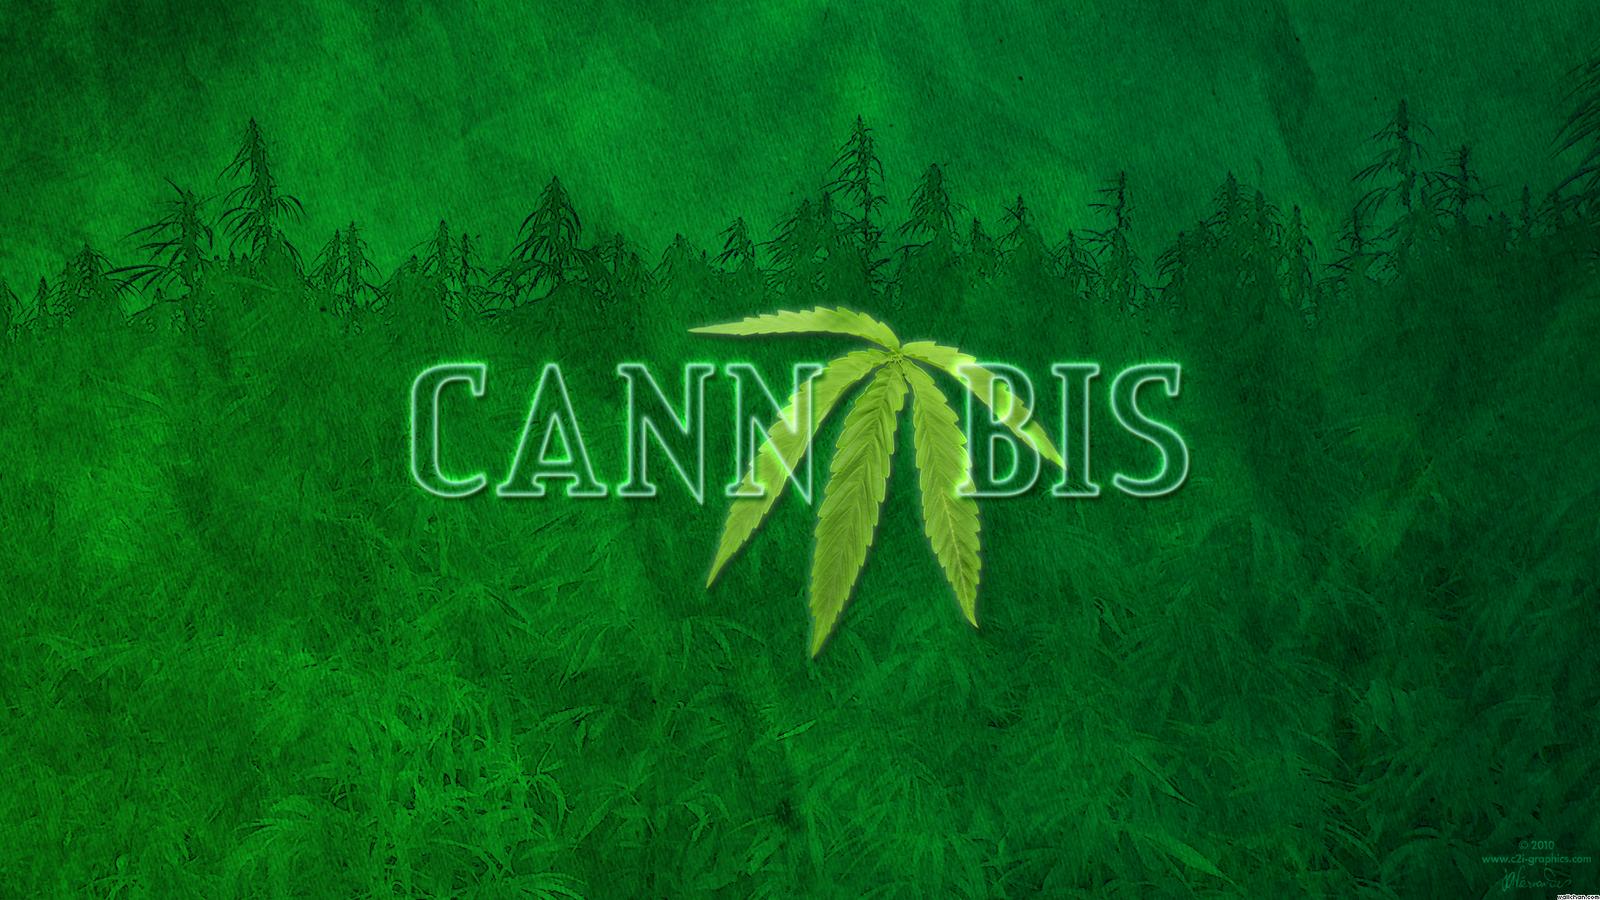 Cannabis Wallpaper Cannabis wallpaper 1600x900